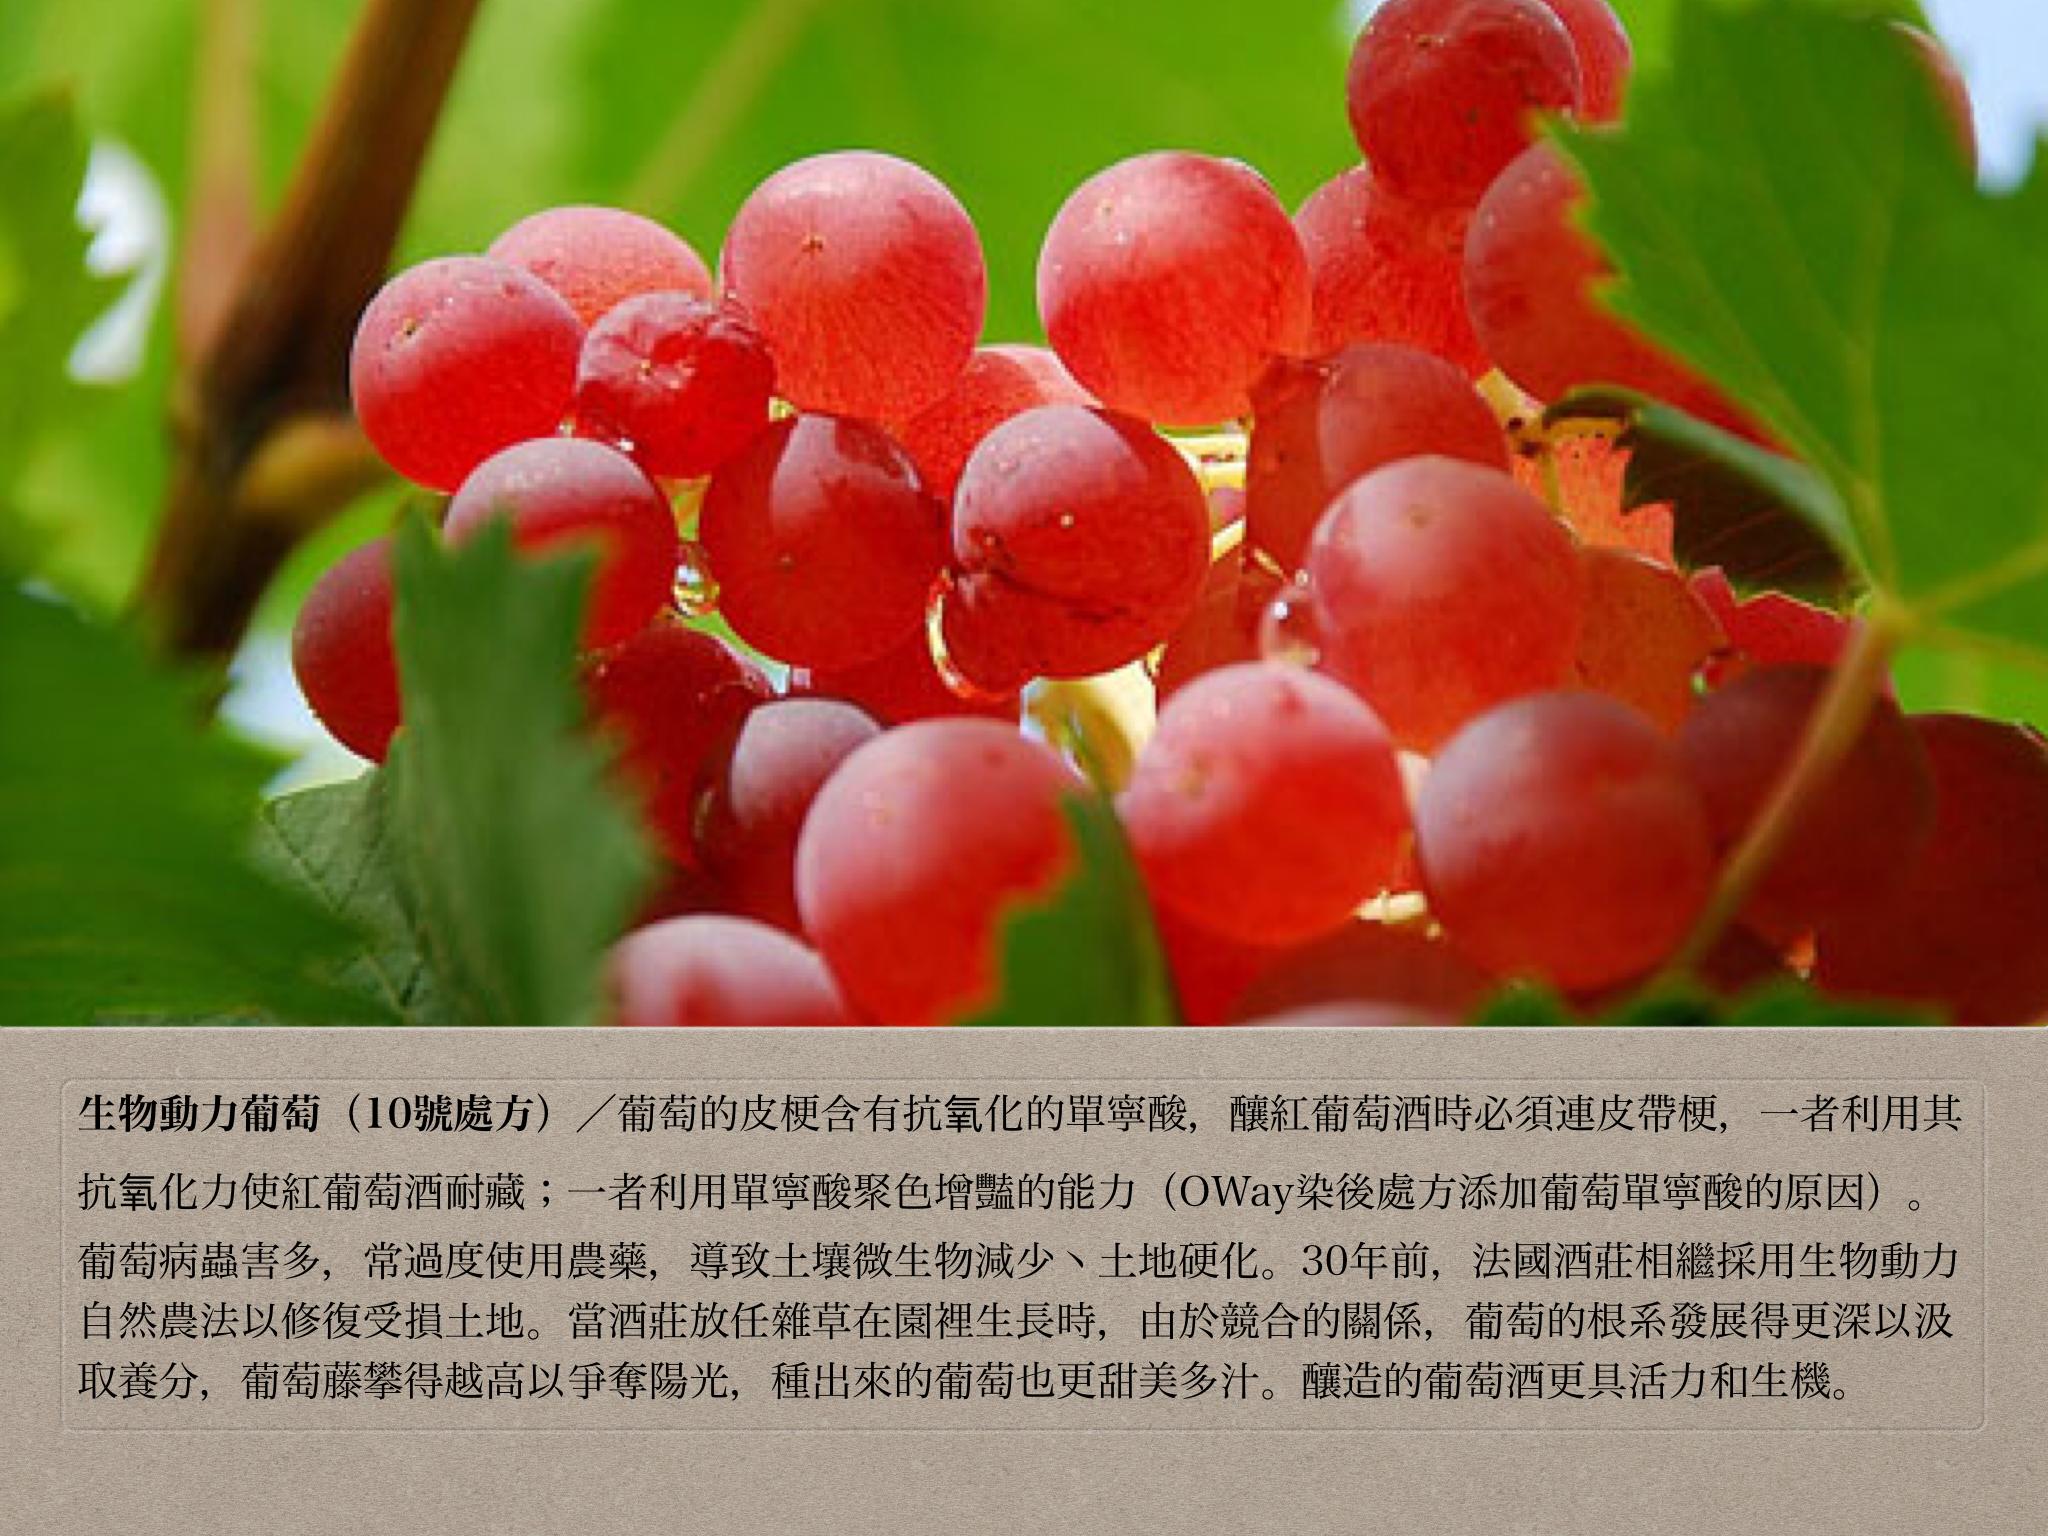 10號處方之生物動力葡萄